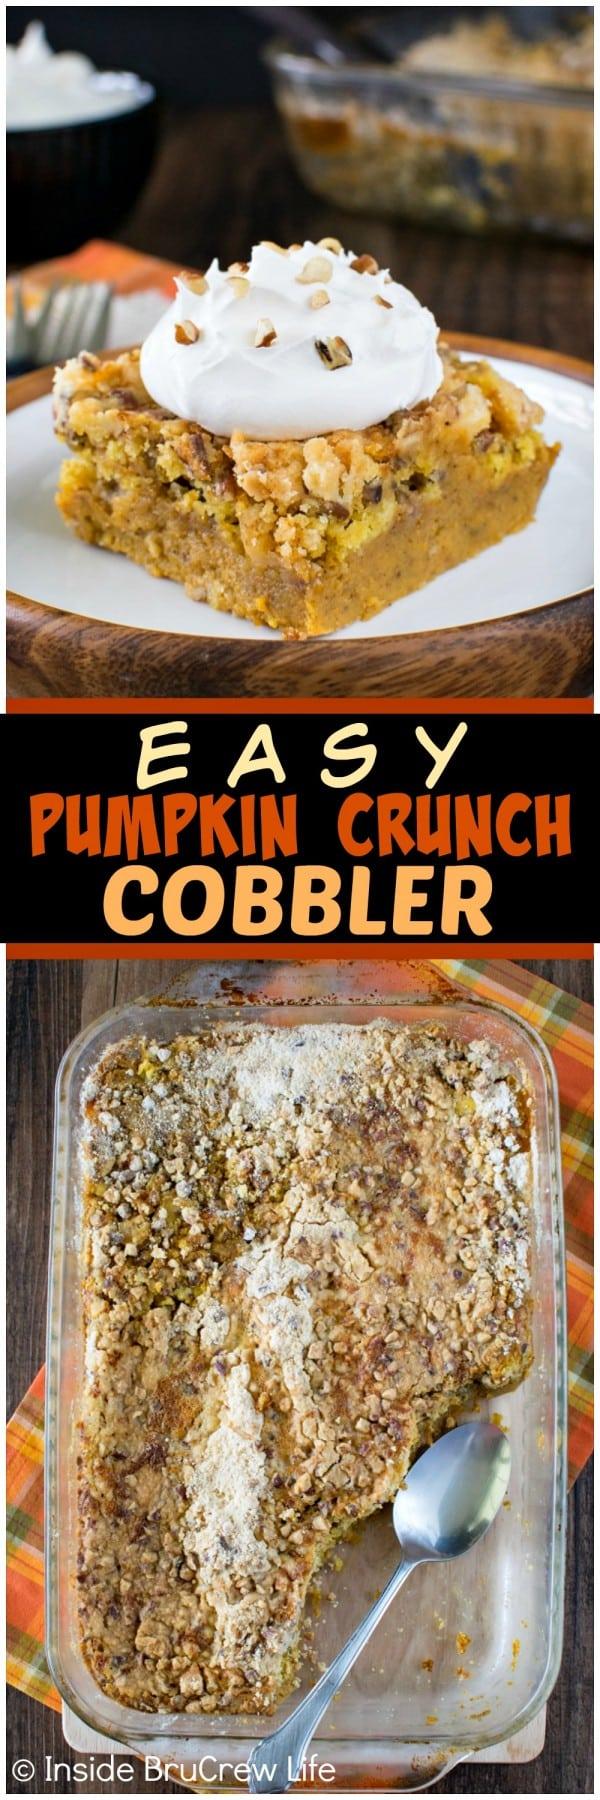 Pumpkin Crunch Cobbler - a crunchy streusel topping and creamy pumpkin ...